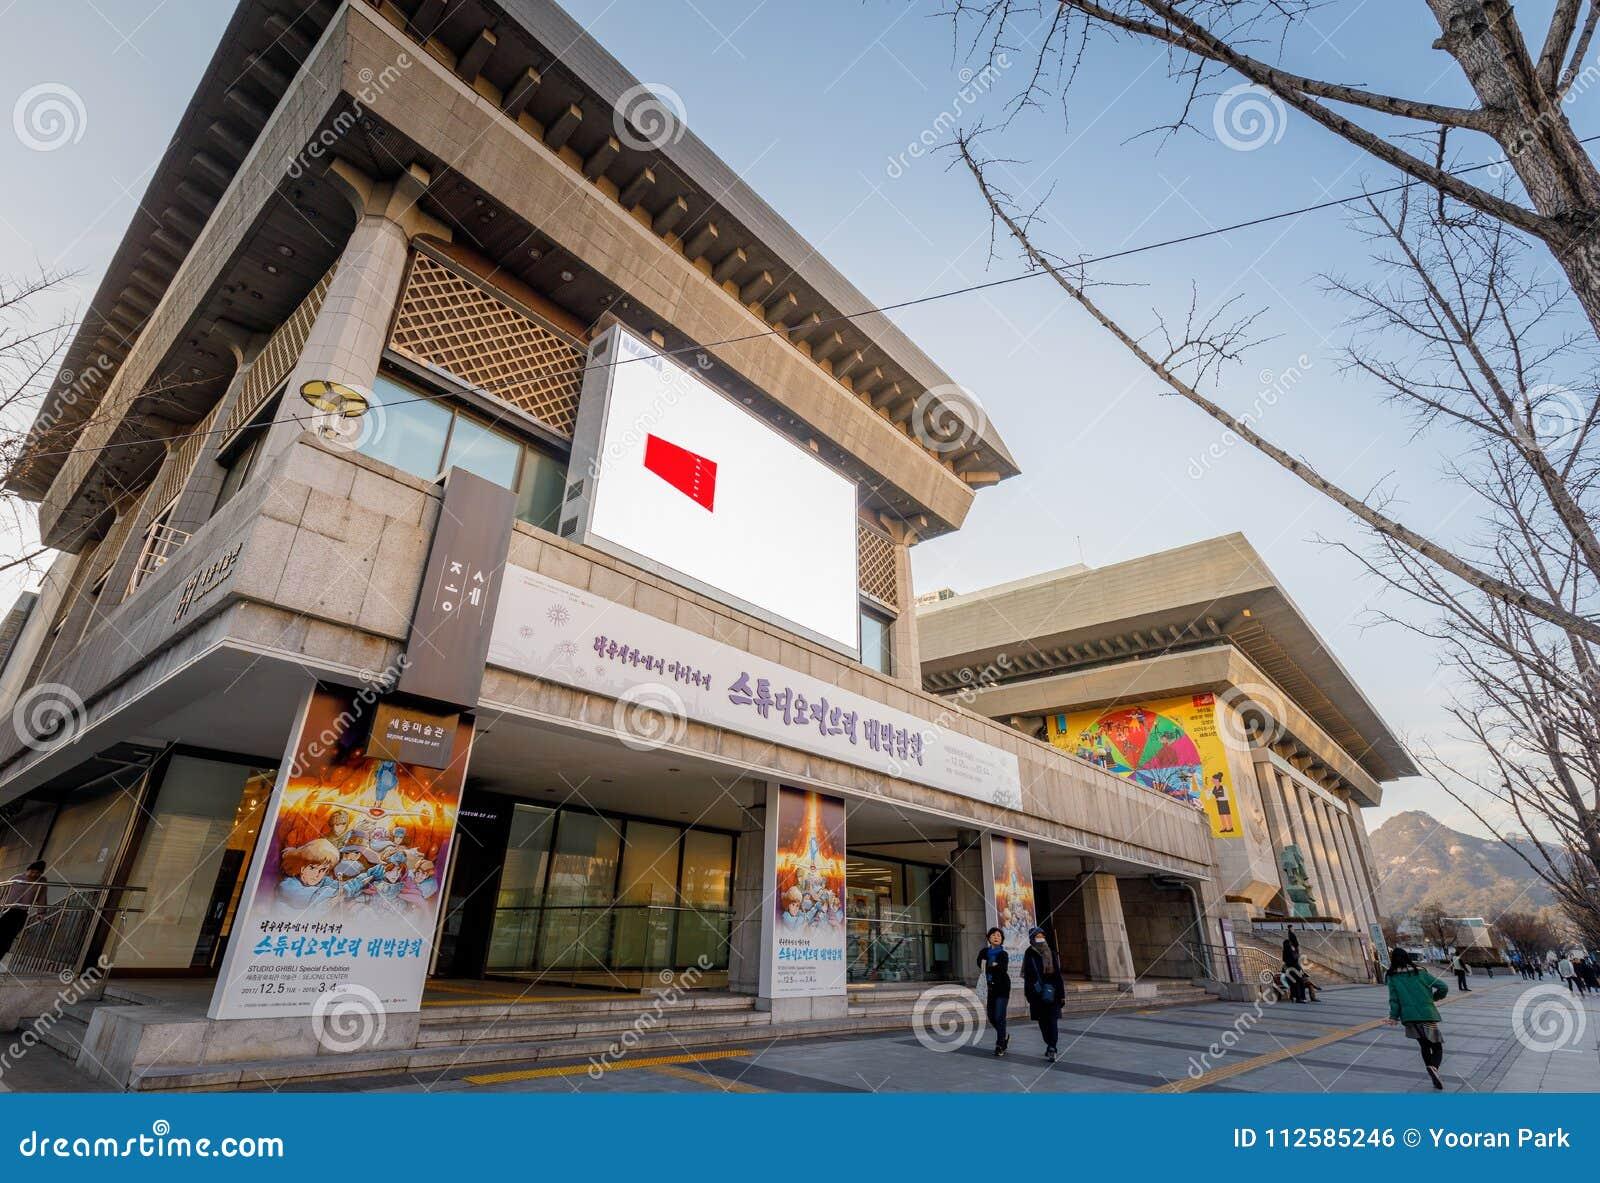 表演艺术的汉城世宗文化会馆 表演艺术的世宗文化会馆是最大的艺术和文化复合体在汉城